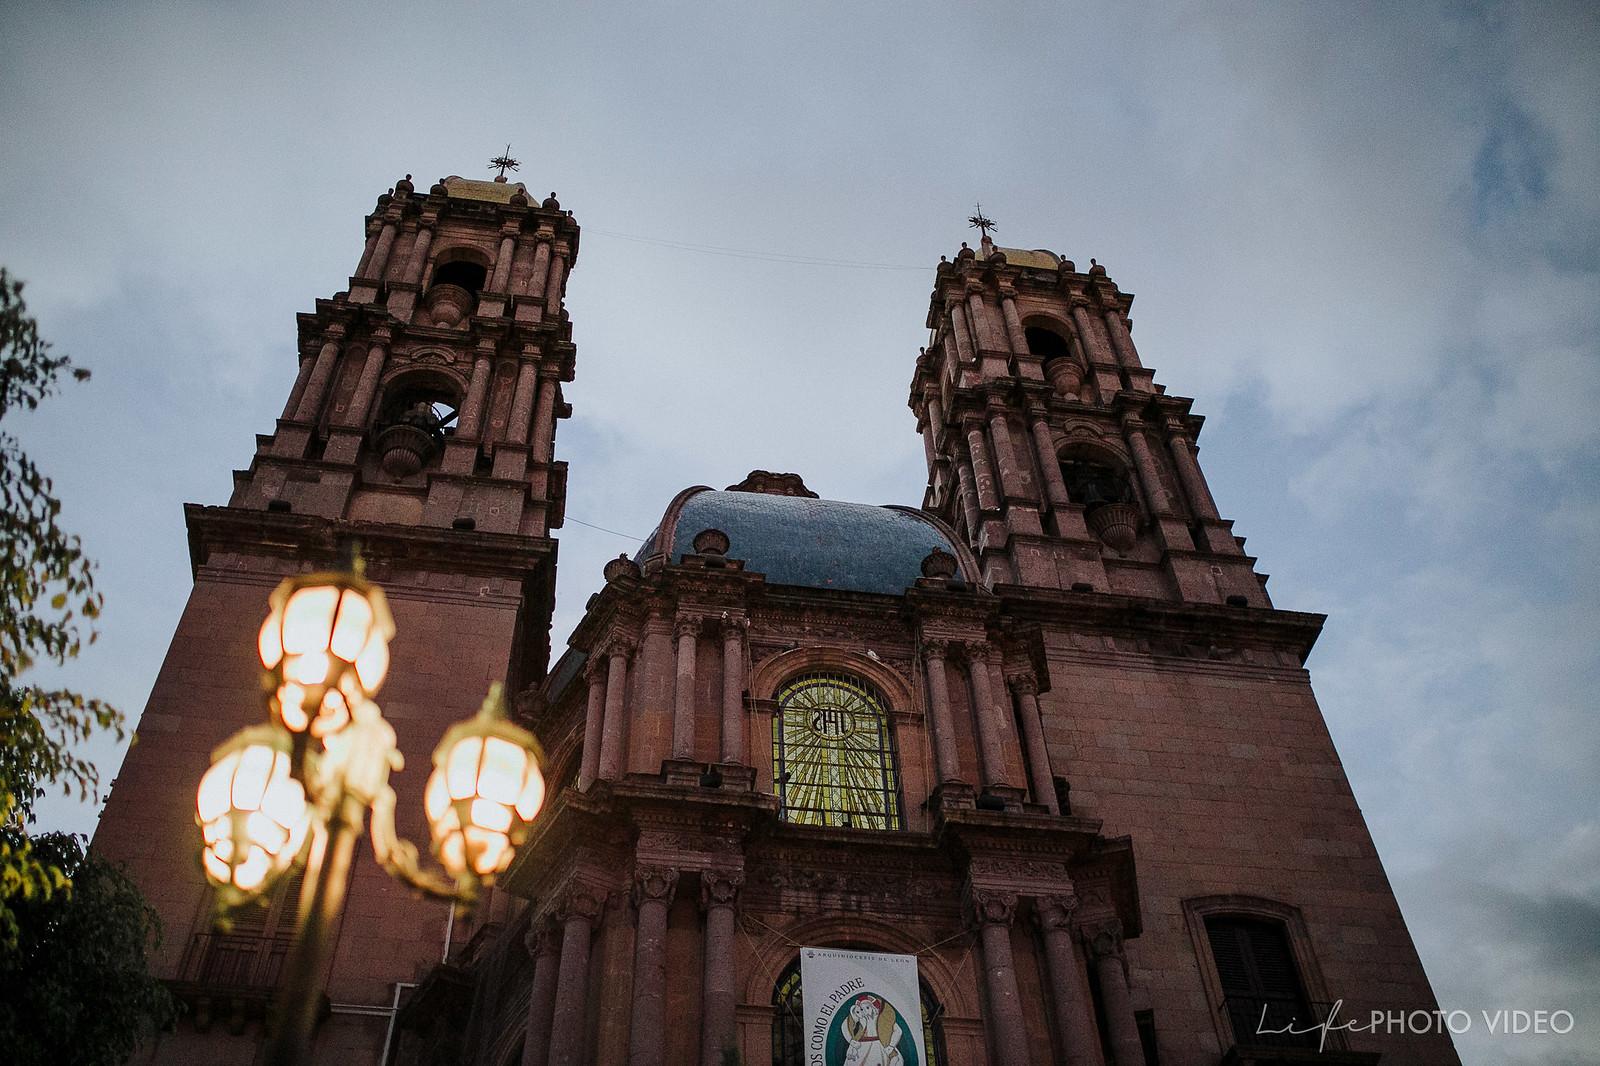 Boda_Leon_Guanajuato_Wedding_0056